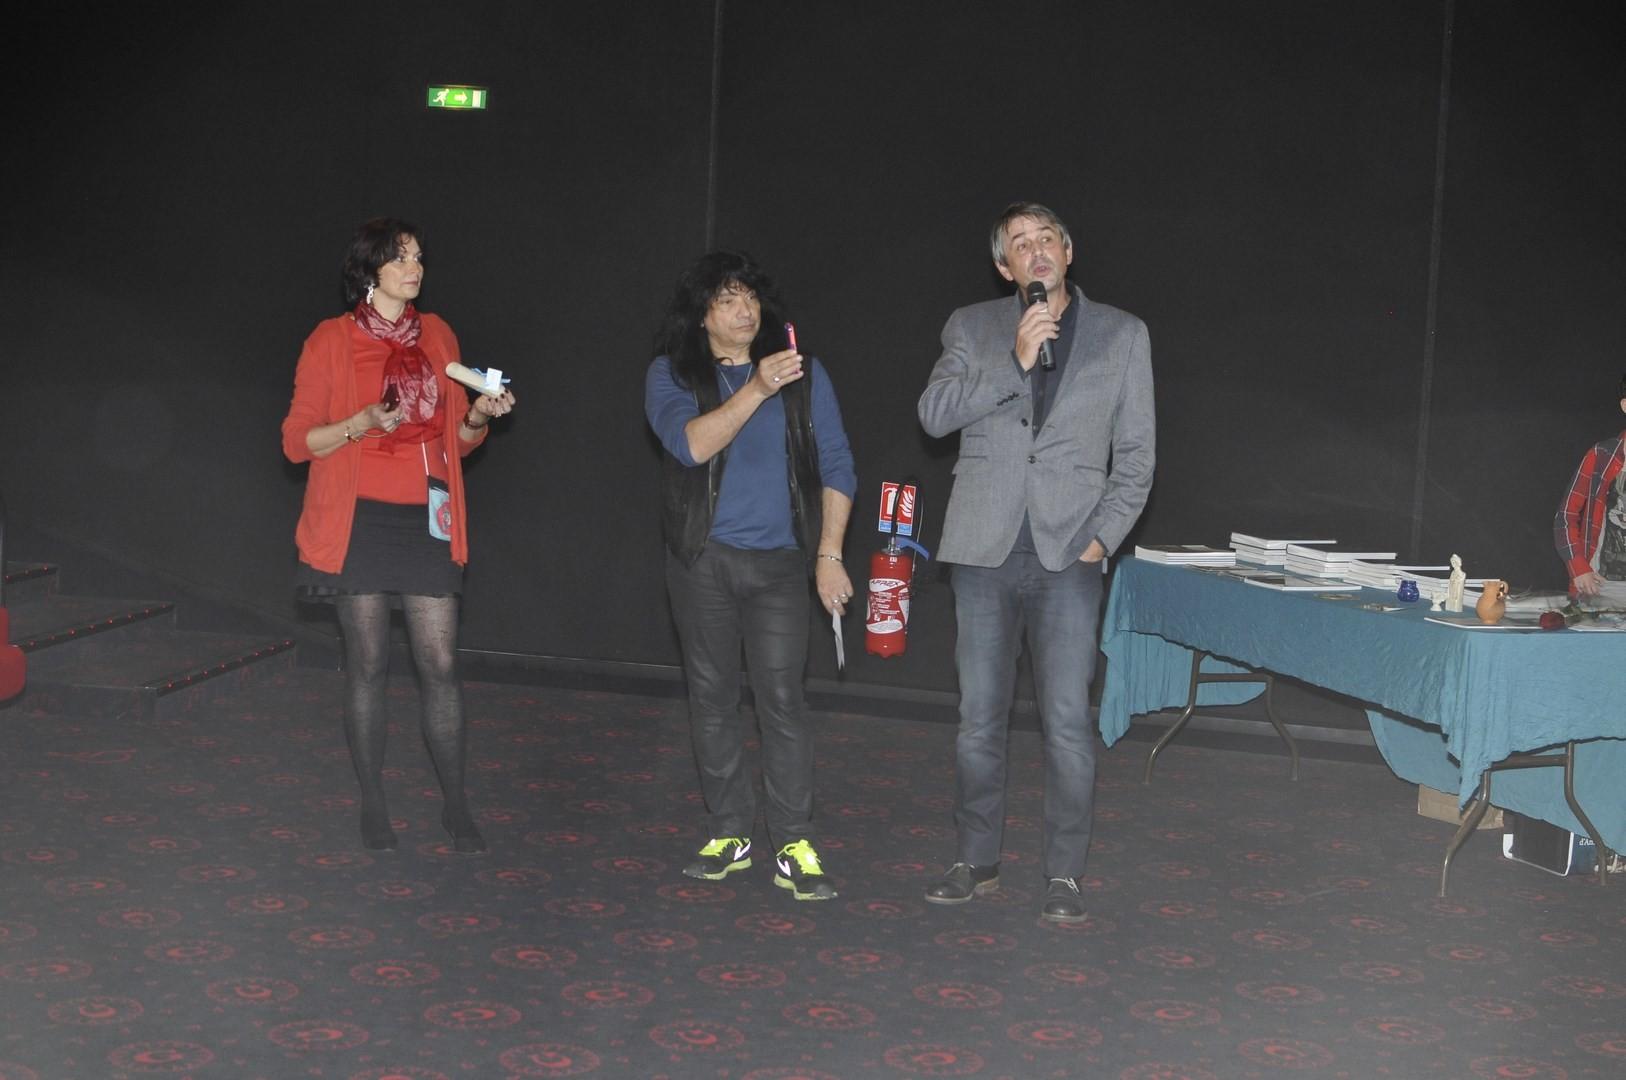 """Prix du jury (1500 euros) remis à """"Quand homo Sapiens faisait son cinéma"""" réalisé par Pascal Cuissot et Marc Azéma qui dit quelques mots par téléphone"""